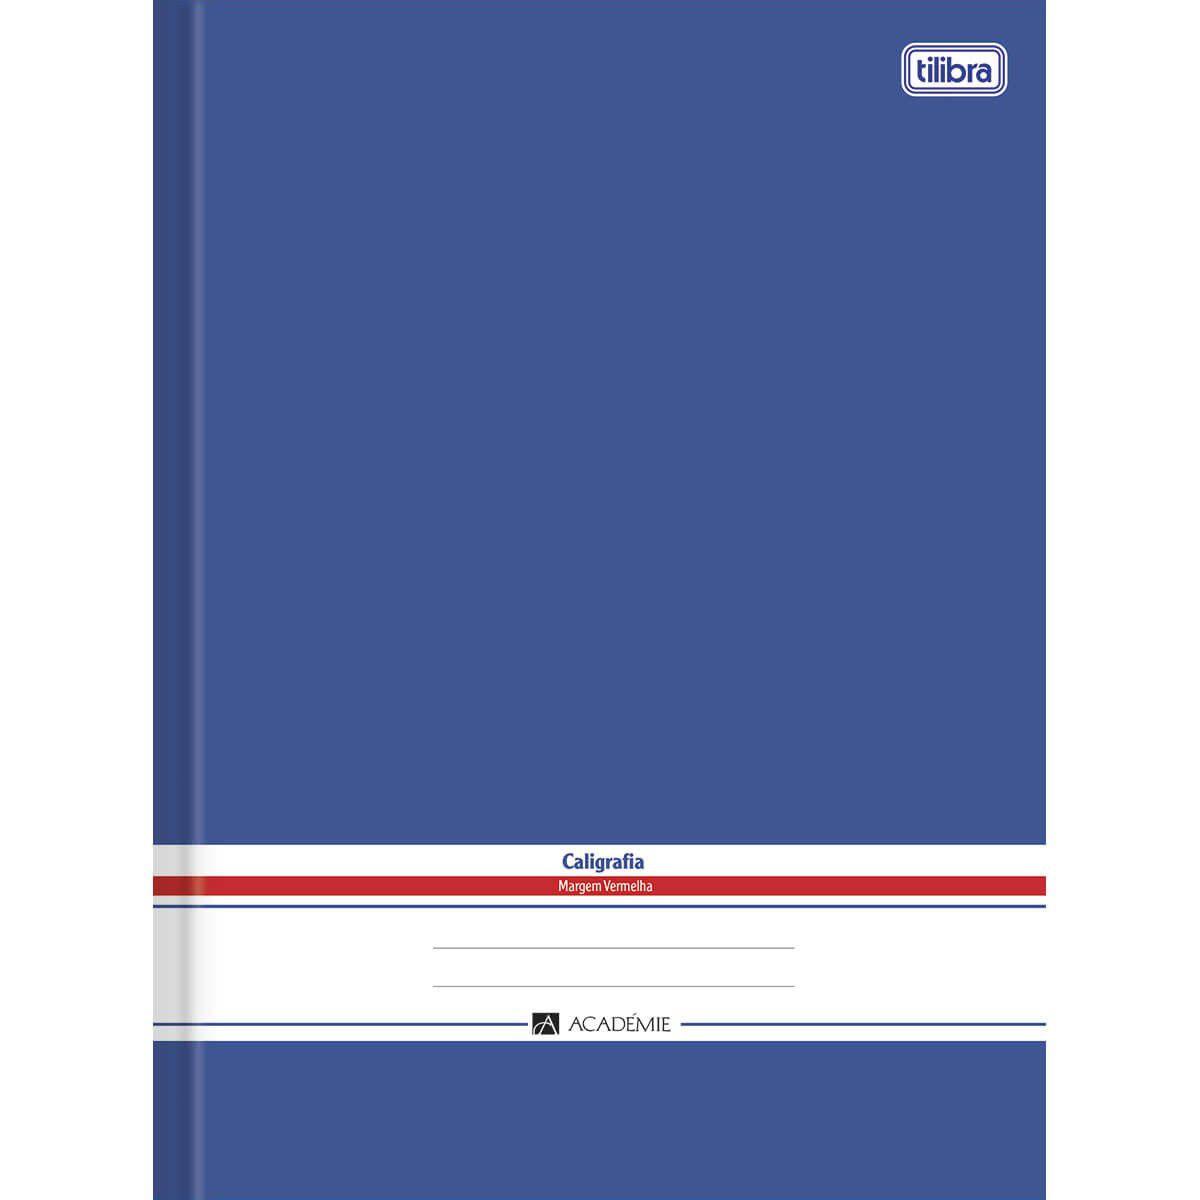 Caderno caligrafia 96 fls azul Academie Tilibra